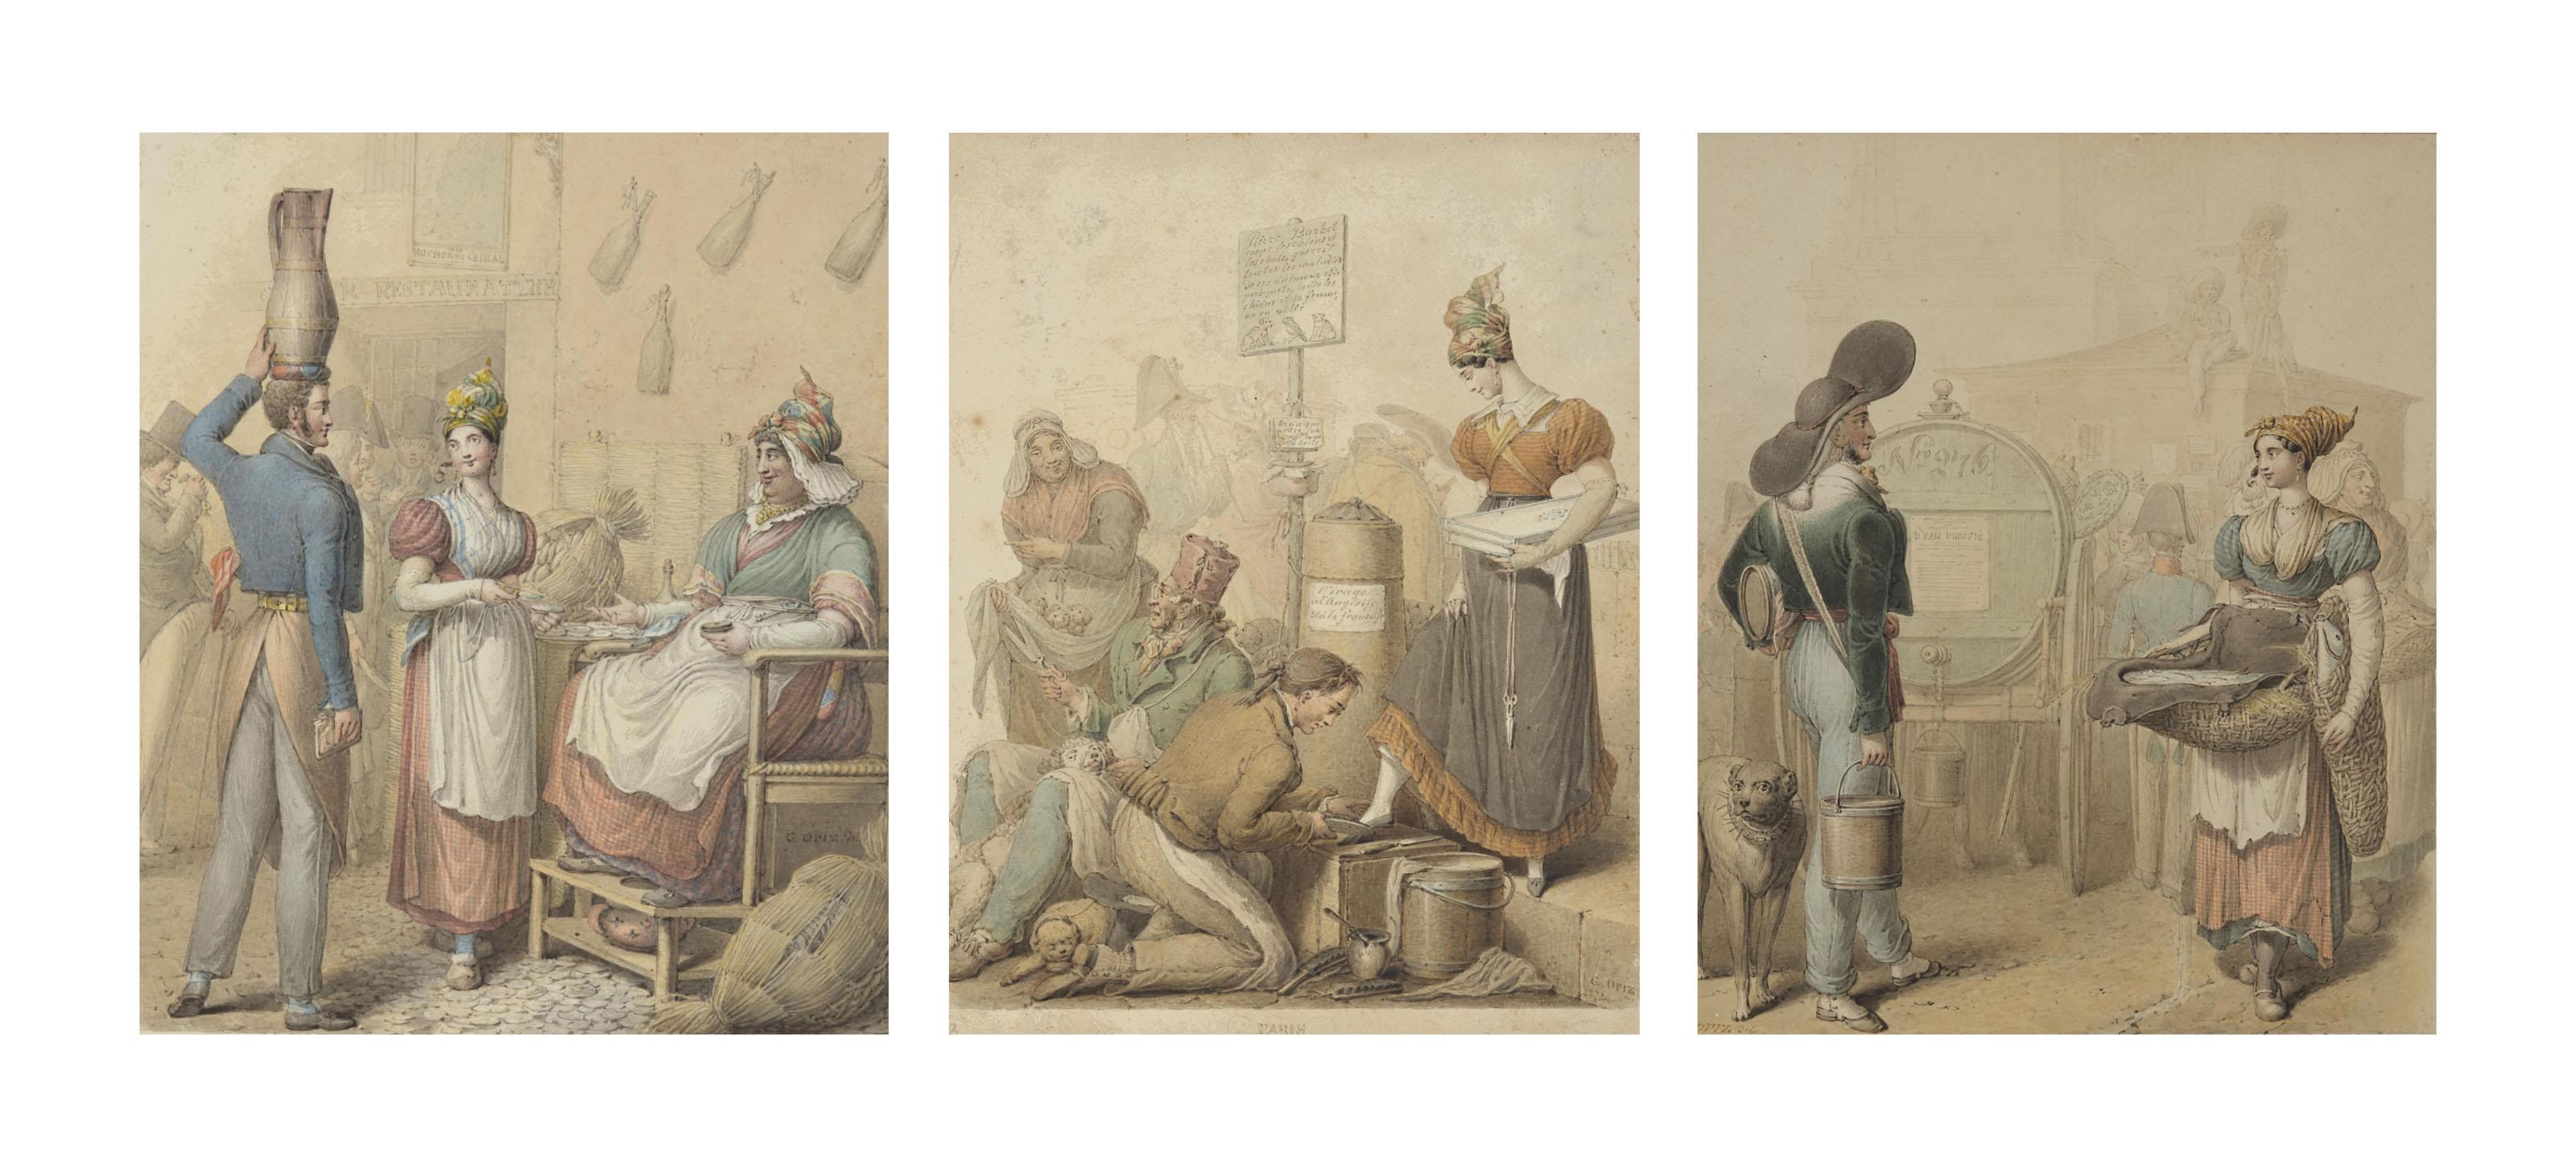 Trois scènes de marché: Un marchand de vin et une marchande d'huîtres (1); Jeune couturière se faisant cirer les chaussures (2); Porteur d'eau et poissonière (3)